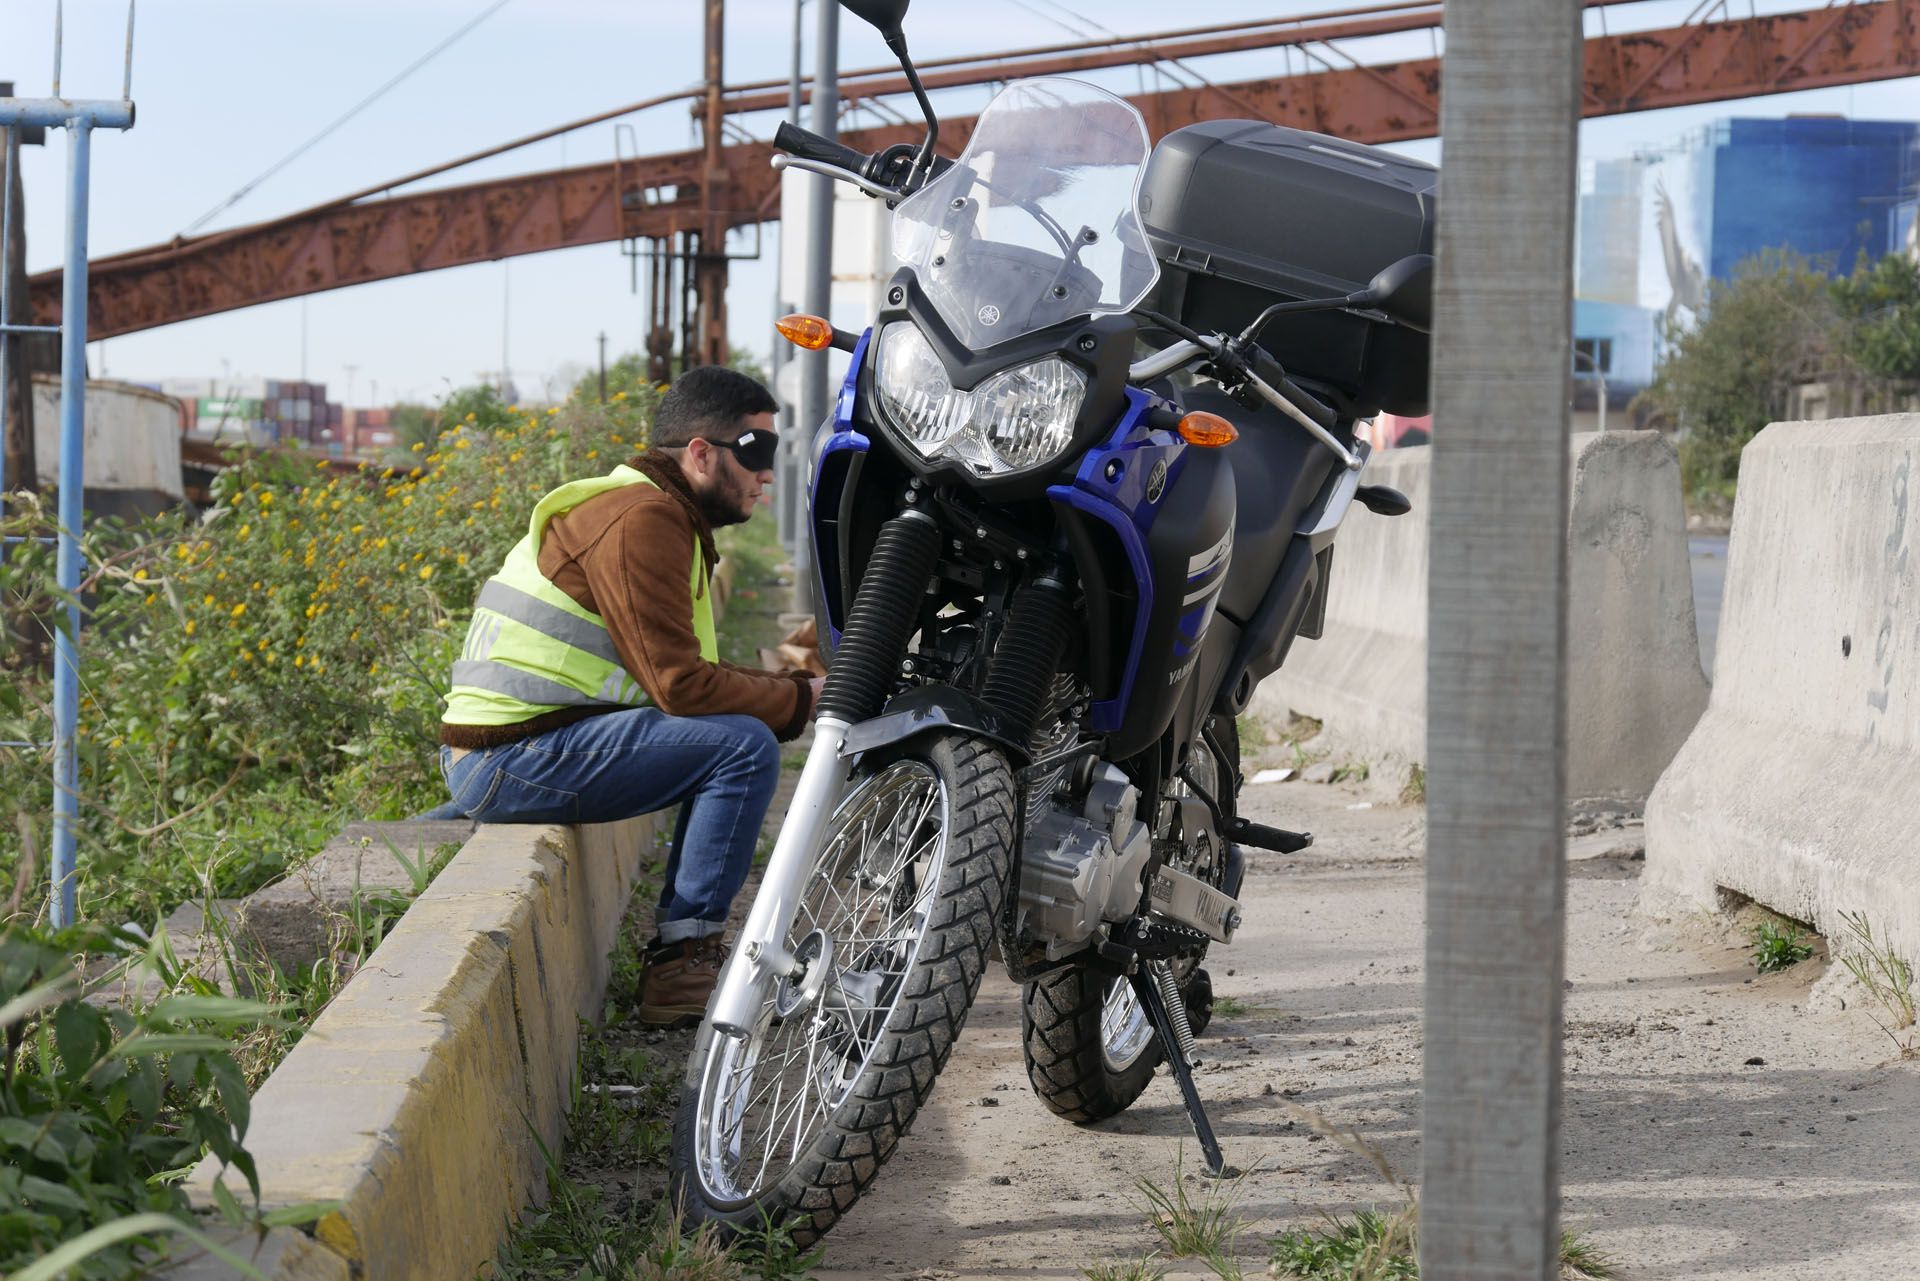 La motoperfo de Lisandro Rodríguez; foto de Carla Petrillo